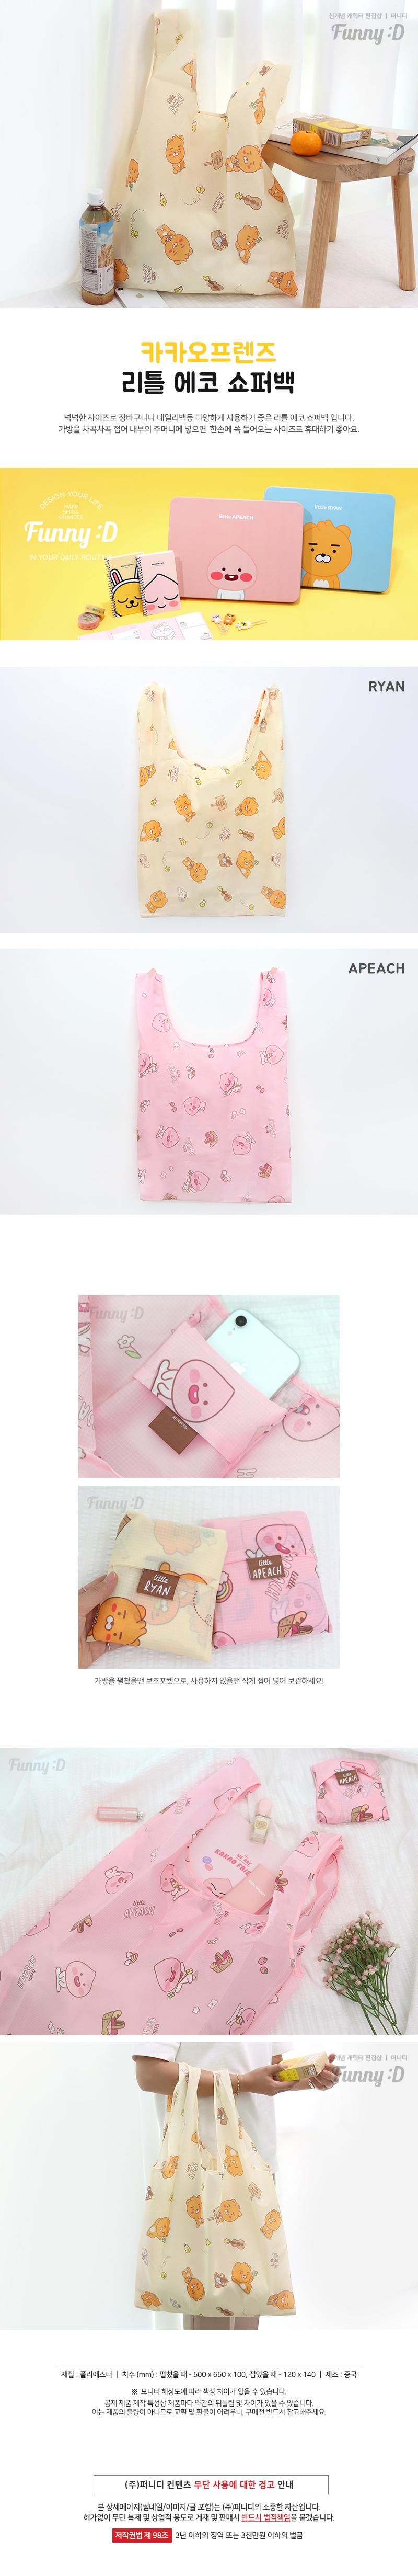 카카오프렌즈 리틀 에코 쇼퍼백 장바구니 - 슈퍼8비트, 6,800원, 캔버스/에코백, 에코백